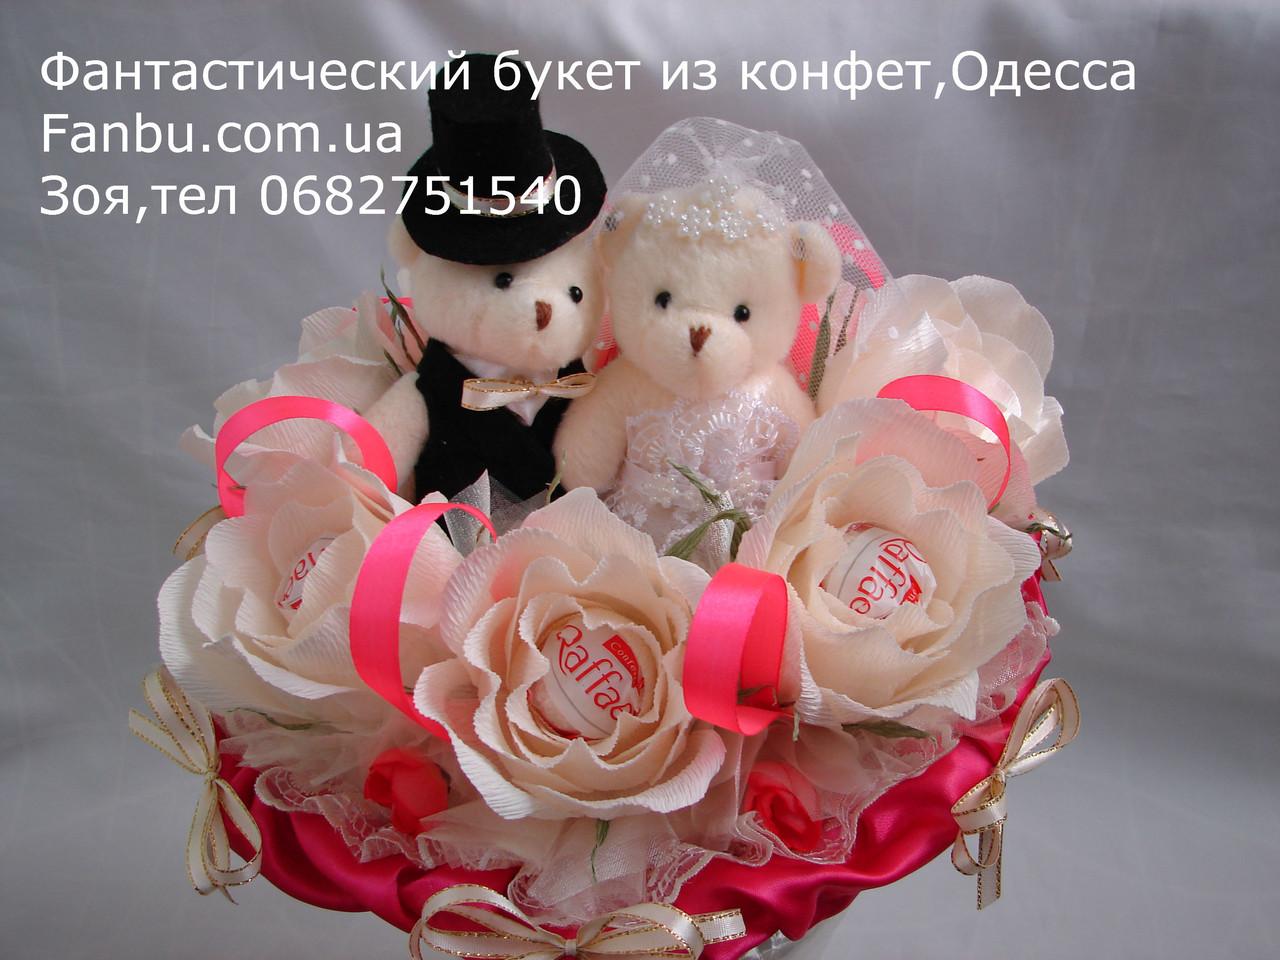 """Ручной букет из мягких игрушек и конфет """"Жених и невеста"""", фото 1"""